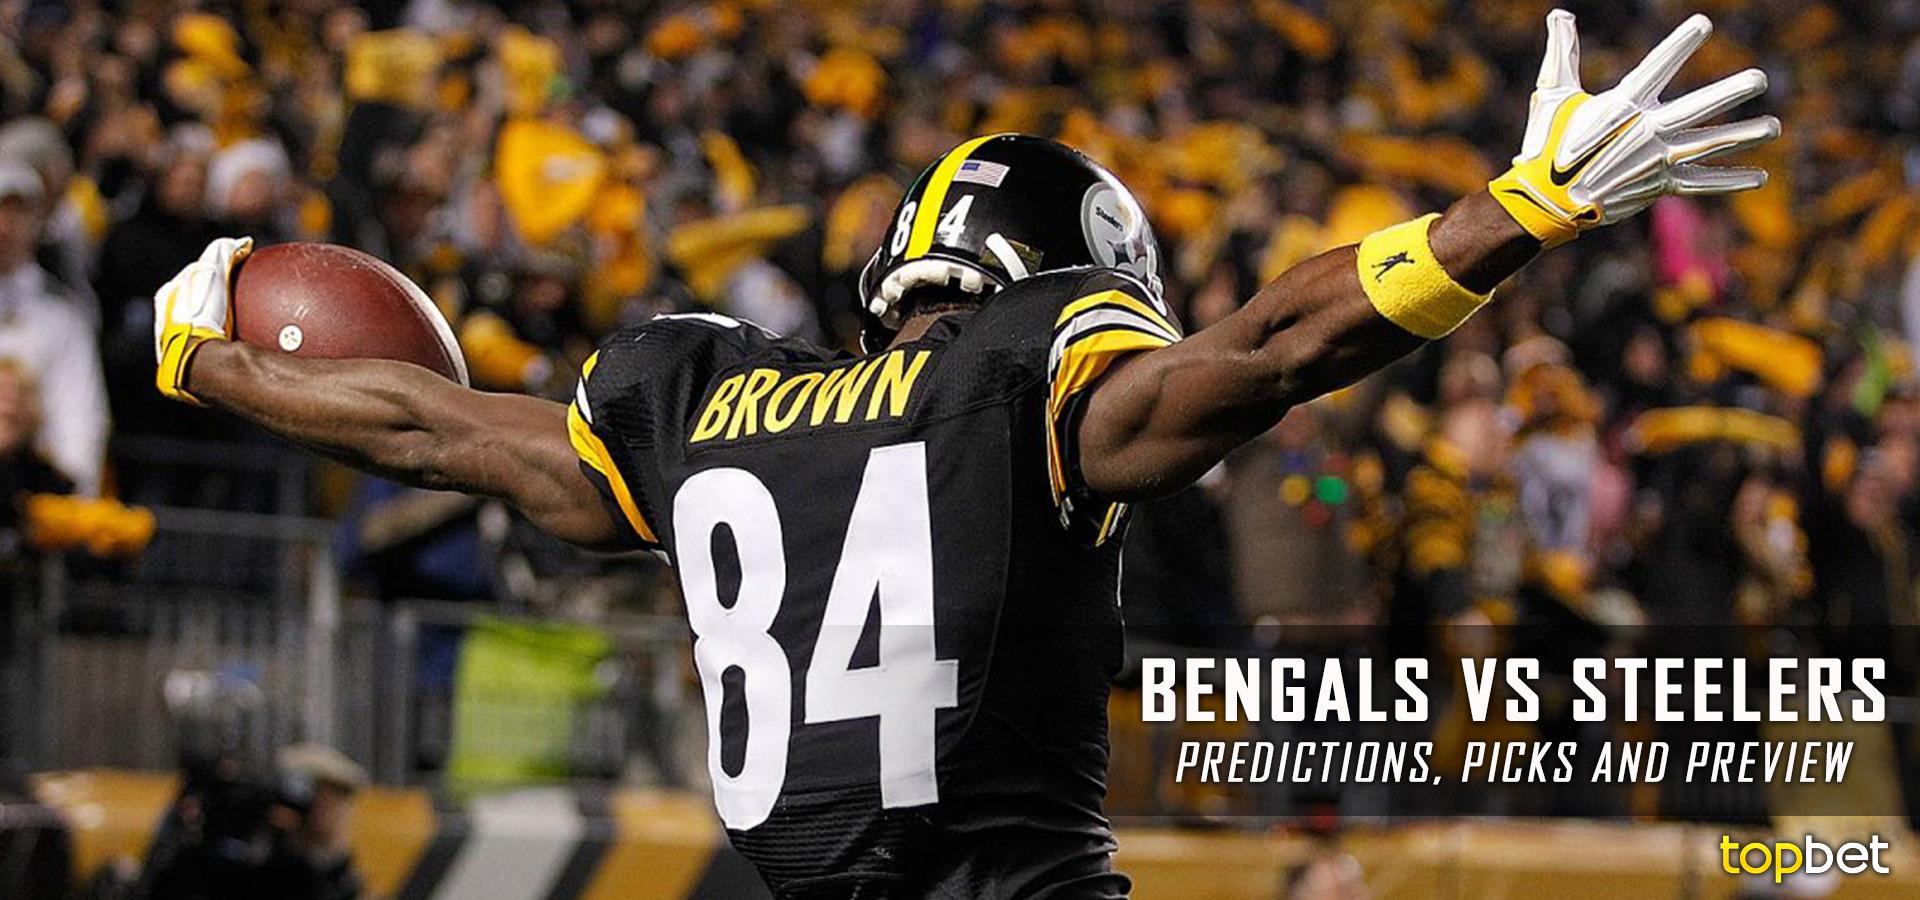 Cincinnati Bengals vs Pittsburgh Steelers Predictions/Picks